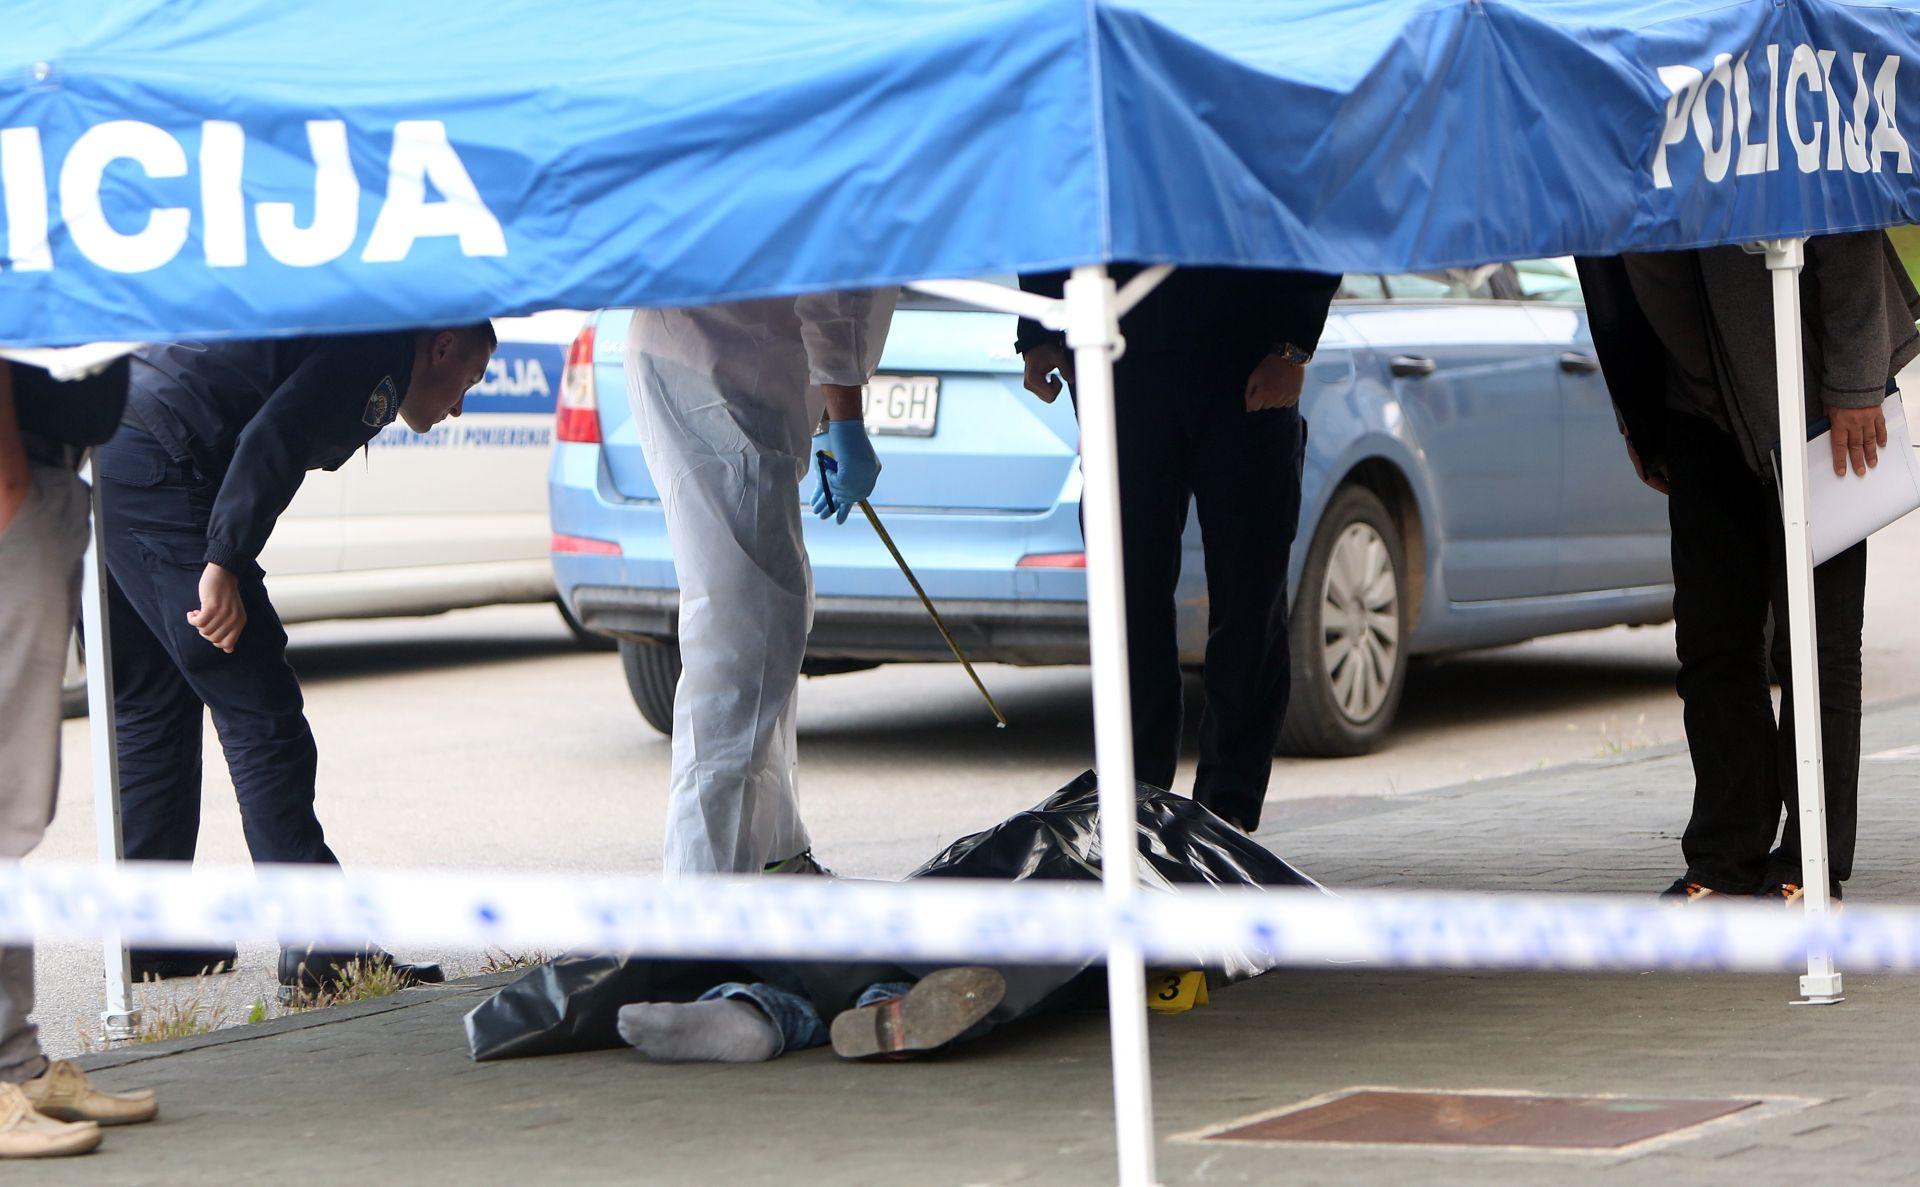 ISTRAGA U TIJEKU: Još nije poznato što se dogodilo 23-godišnjaku iz Karlovca